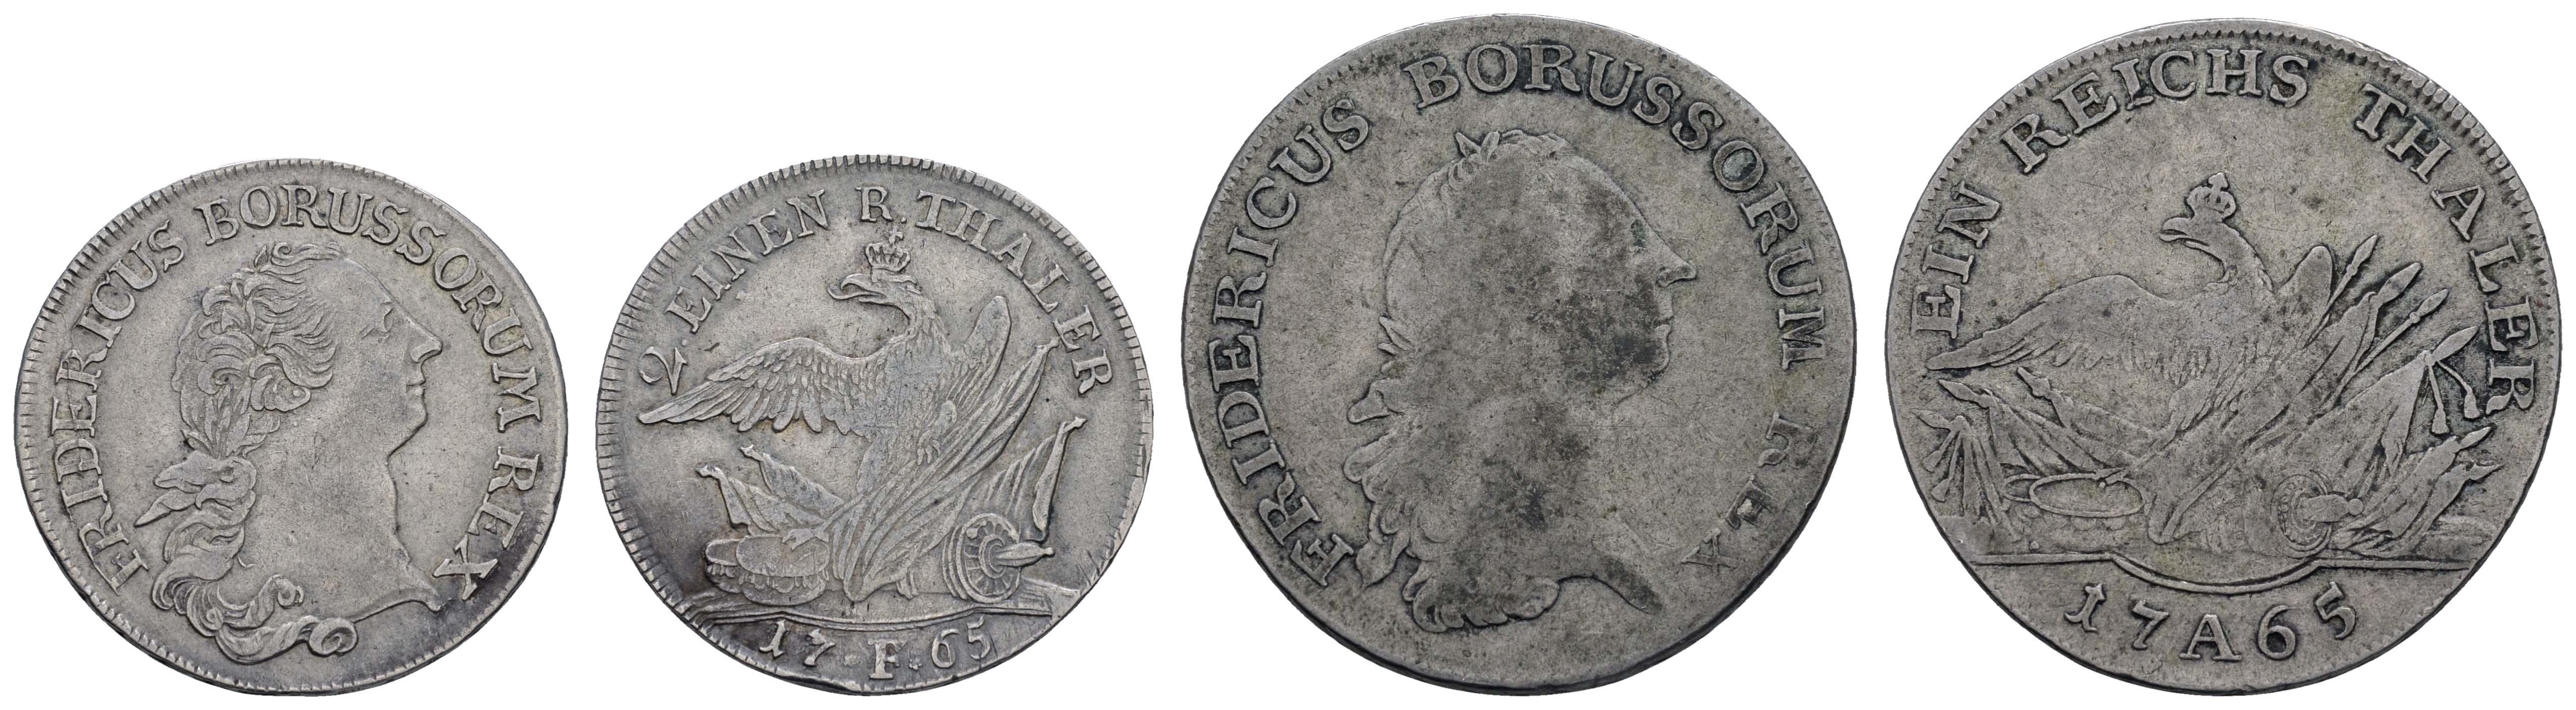 Lot 536 - deutschland bis 1799 - Preußen -  Auktionshaus Ulrich Felzmann GmbH & Co. KG Coins single lots